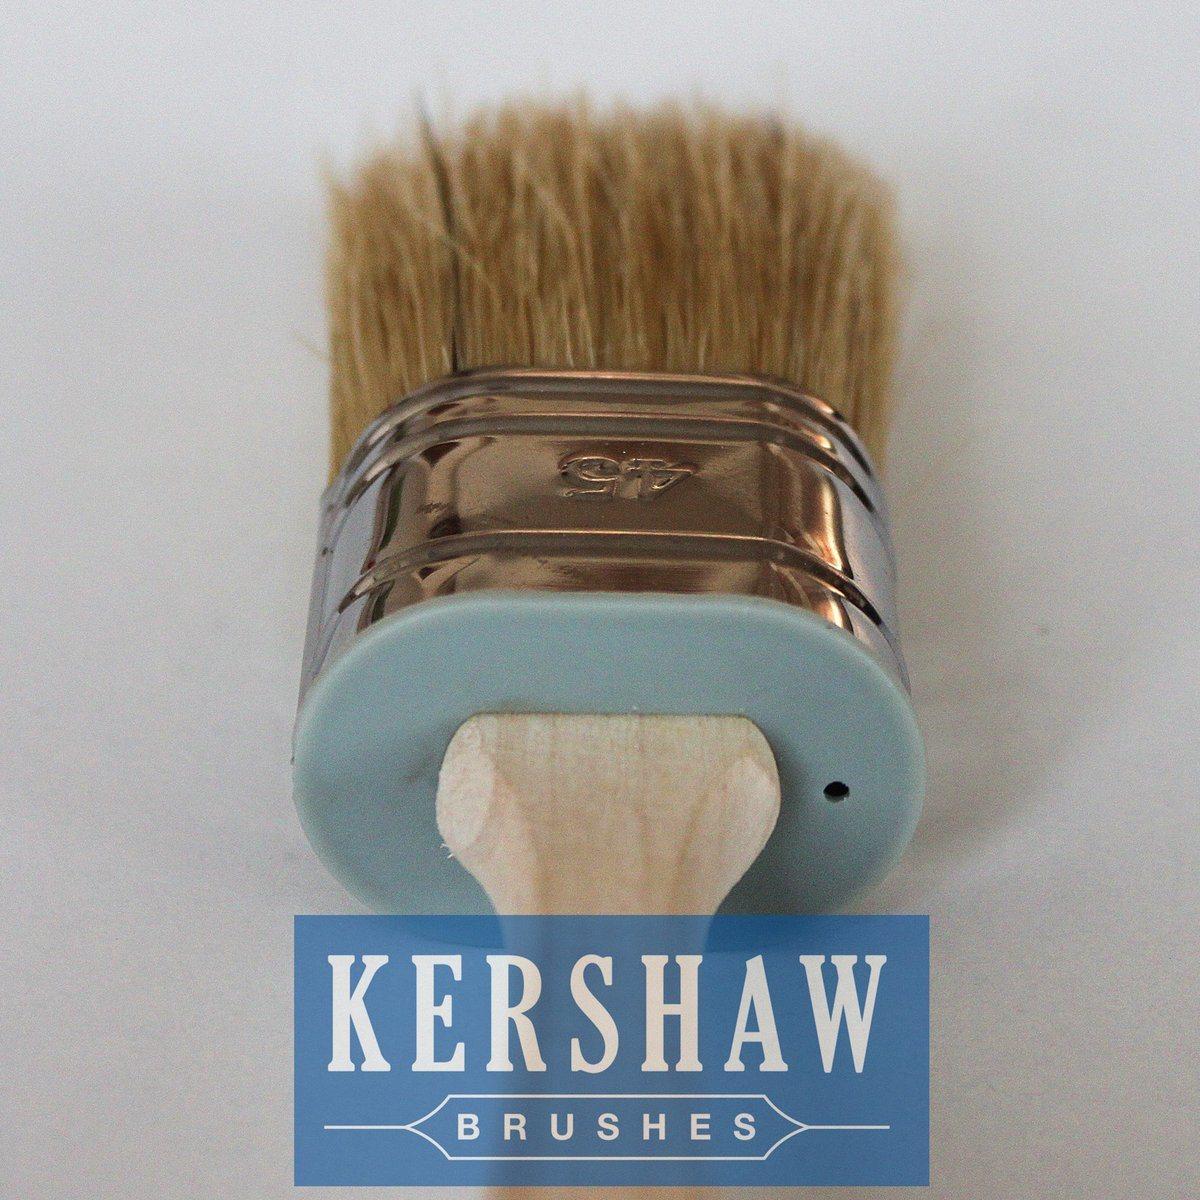 Paint Brush (Oval Brush White Bristle Paint Brush With Wood Handle, paintbrush)